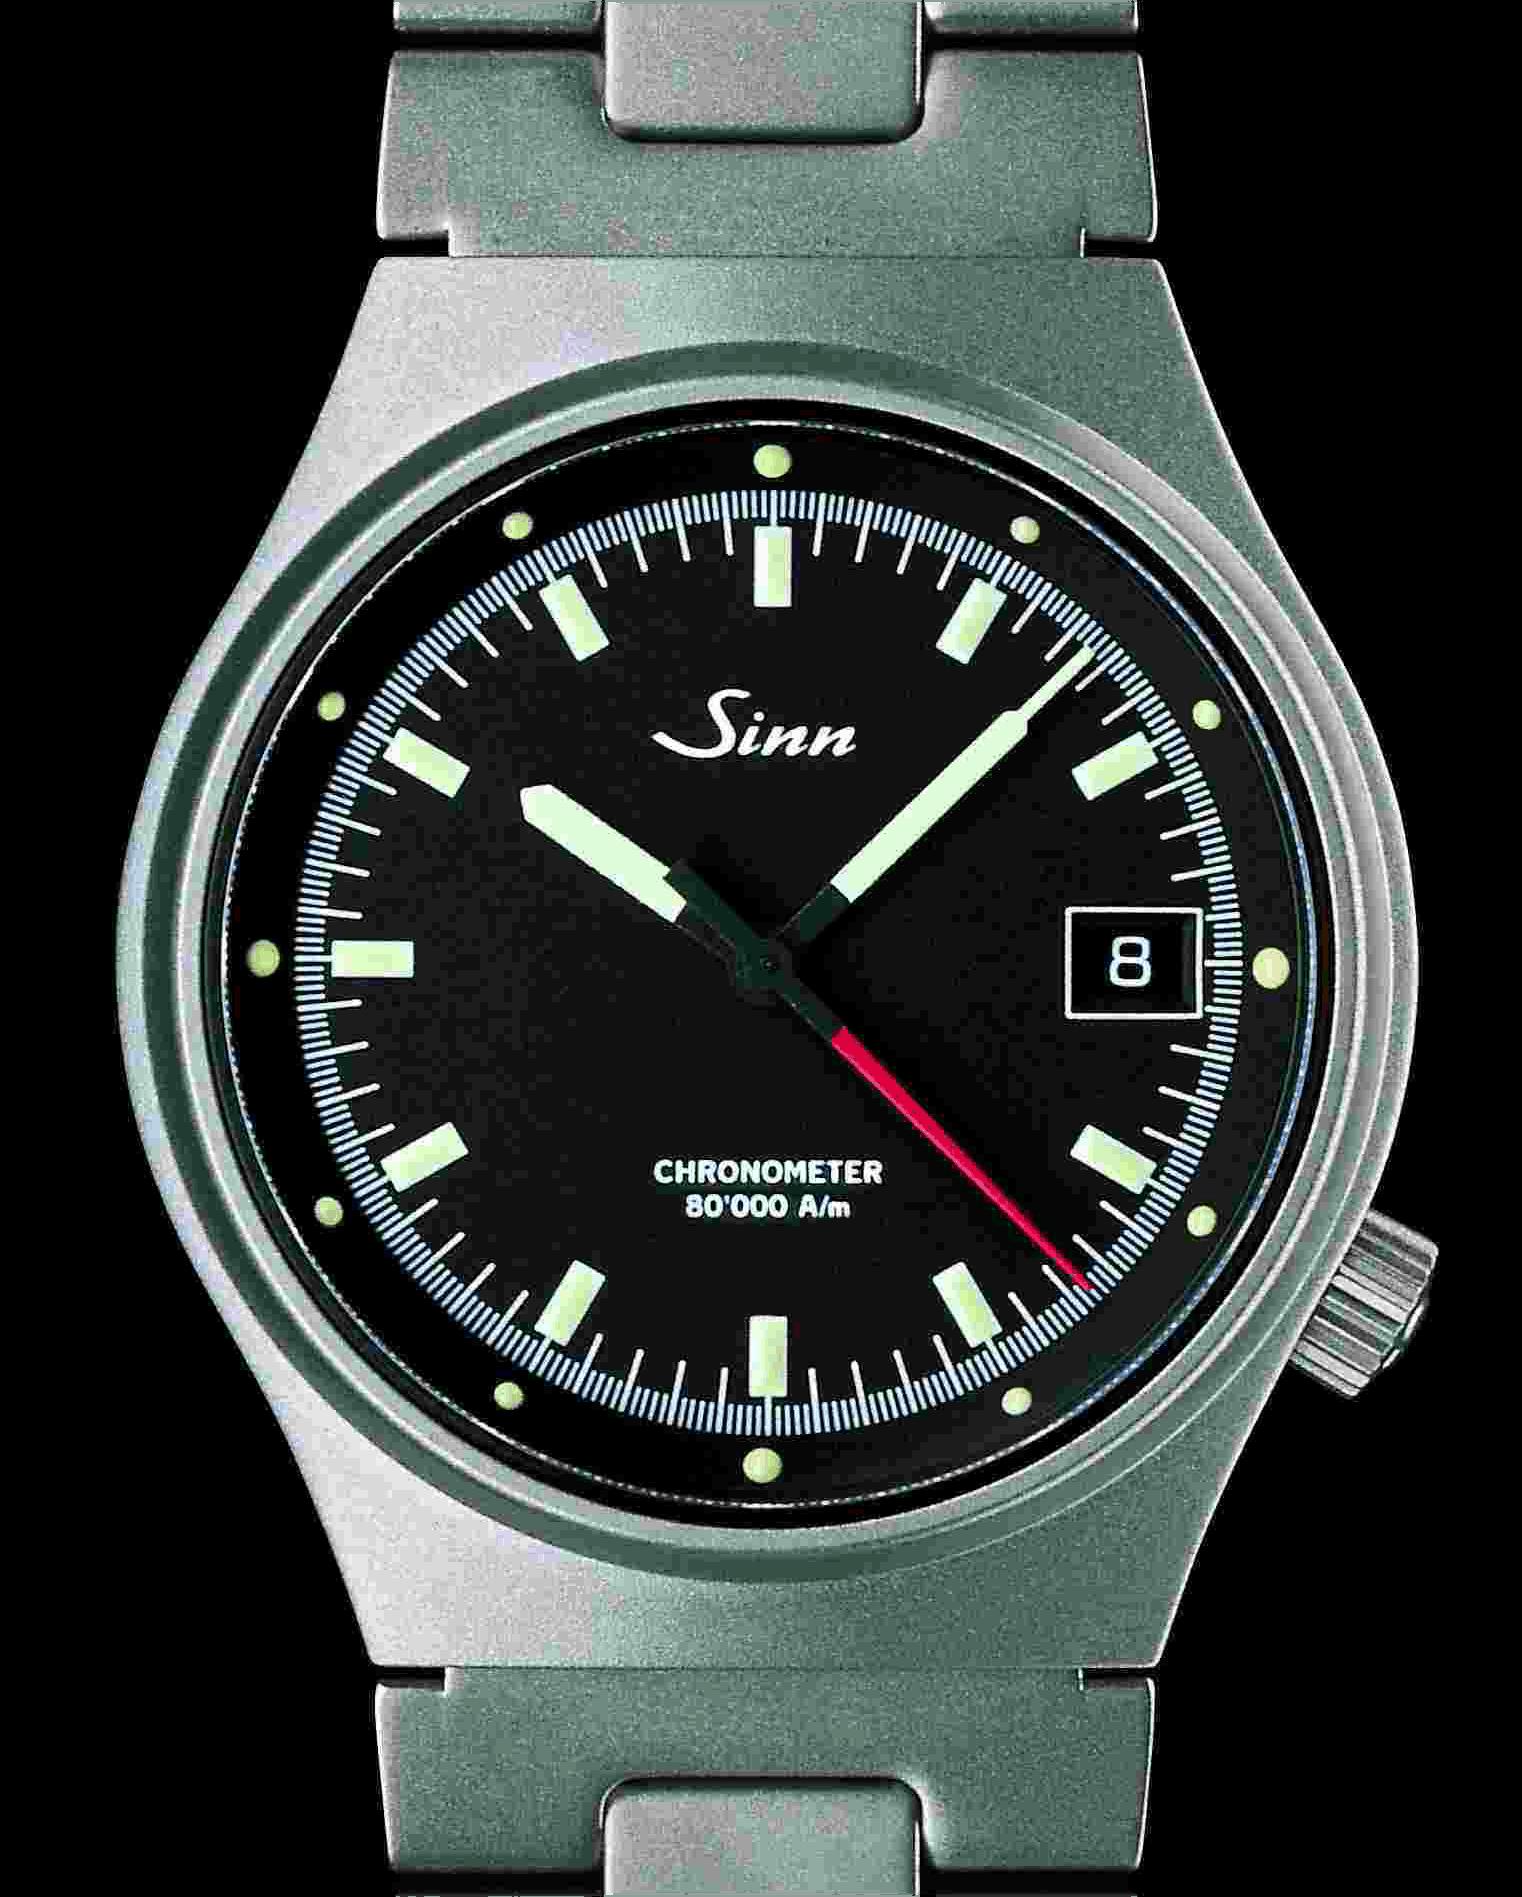 Sinn Spezialuhren amagnetischer Armband-Chronometer 244 von 1994